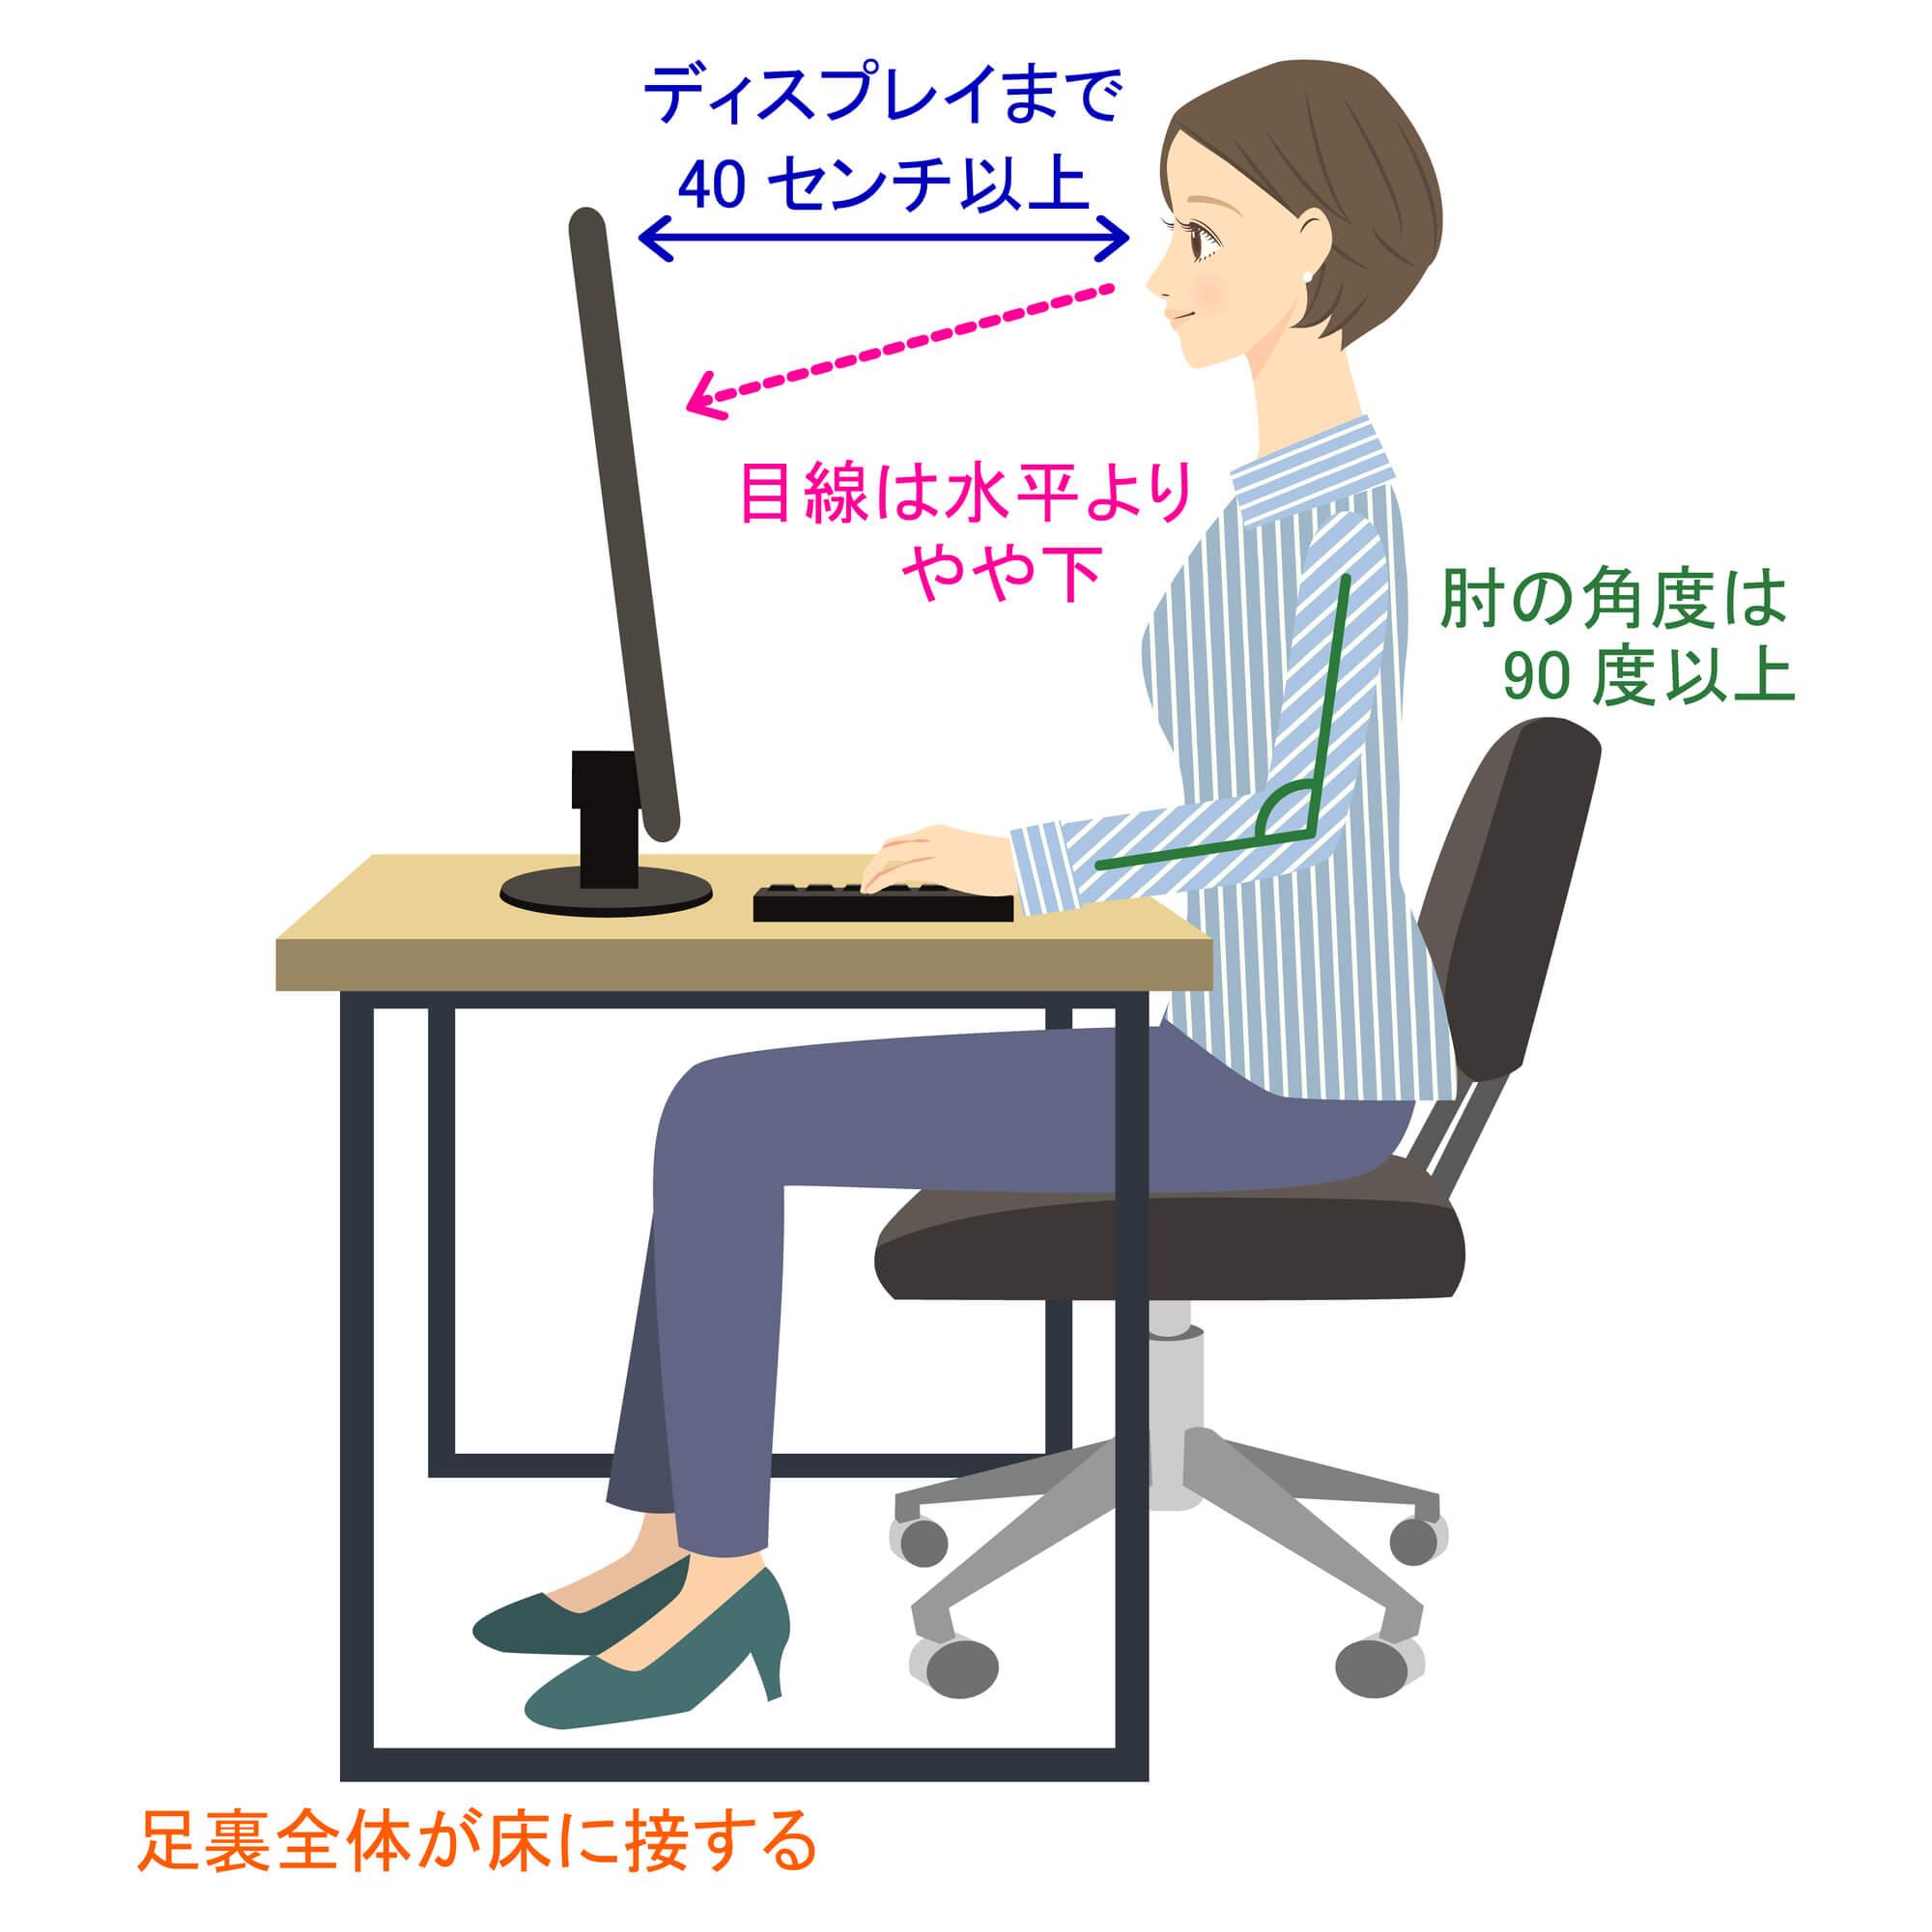 ぎっくり首を予防する正しい姿勢